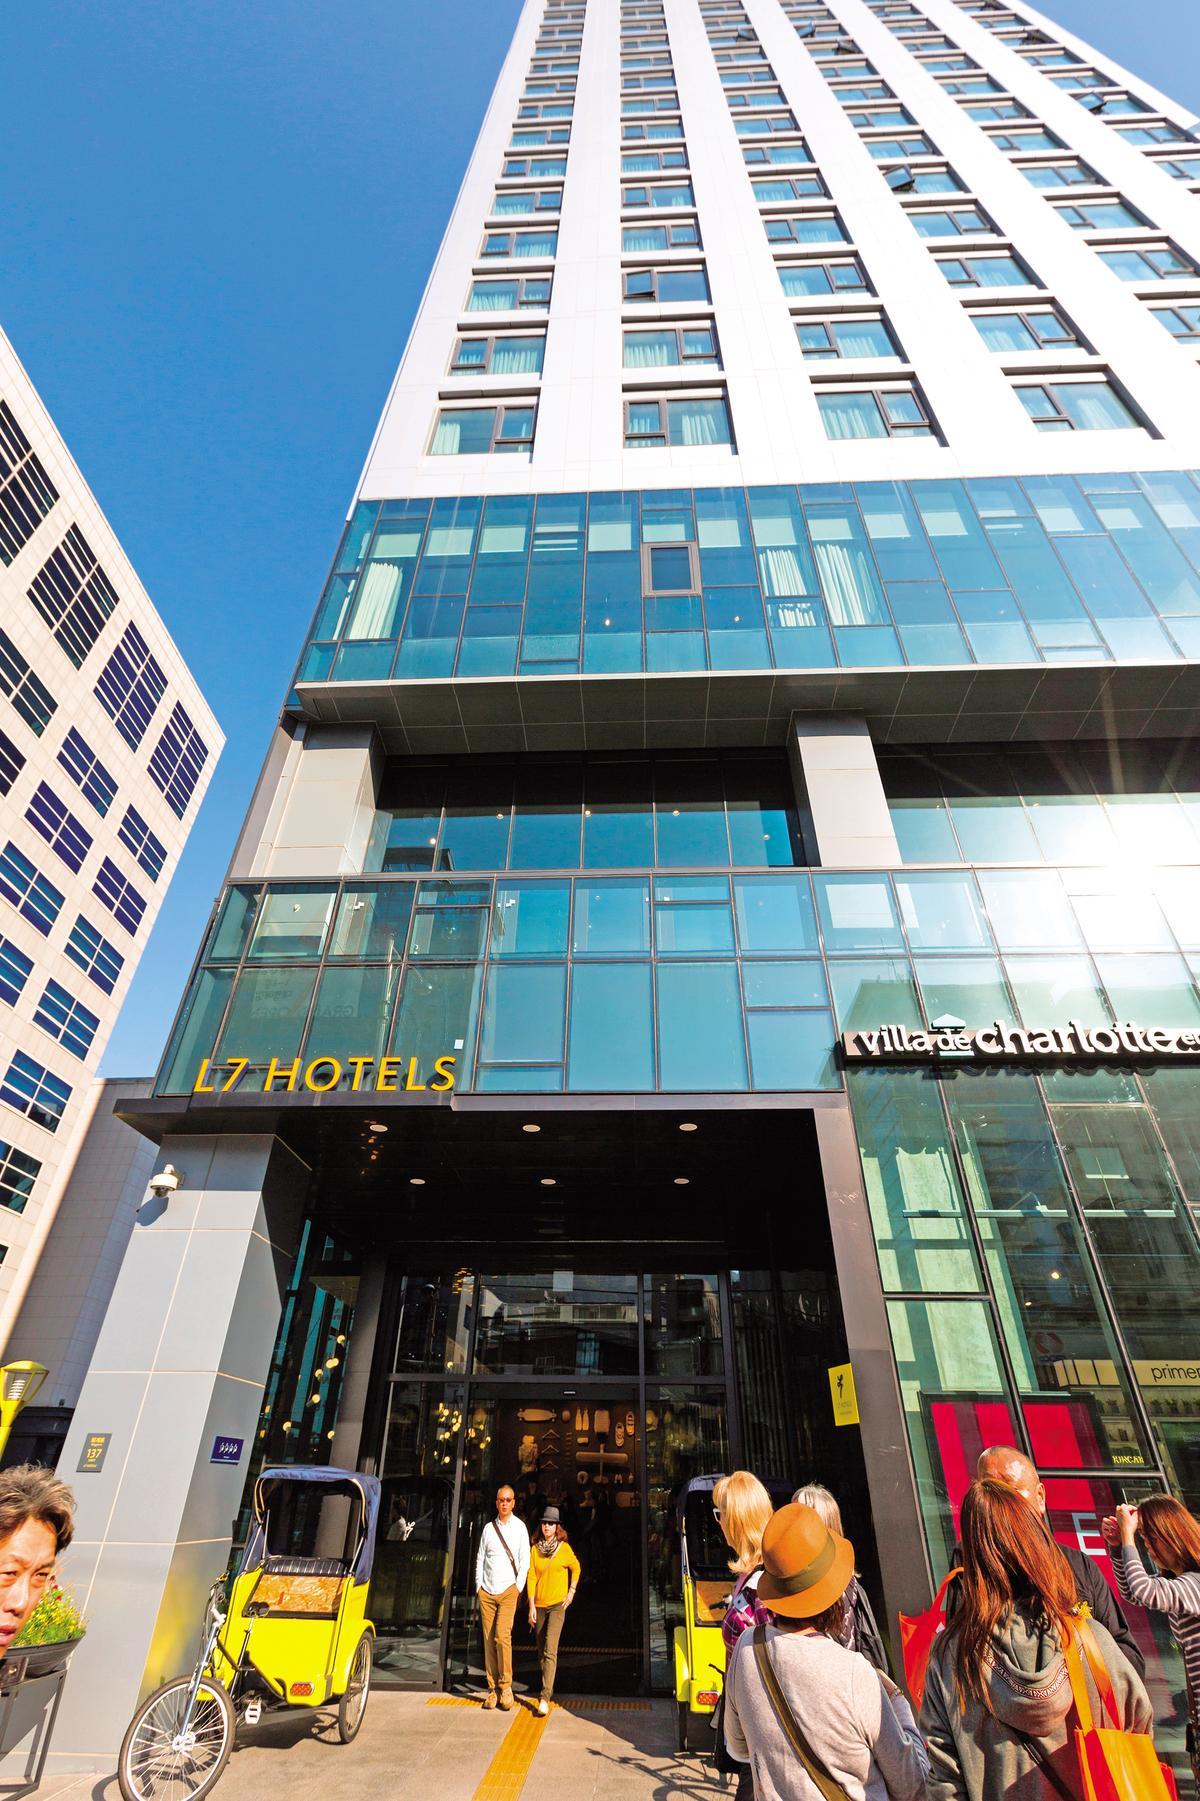 飯店座落於明洞商圈,門口即有地鐵出口、機場巴士站牌,交通便捷。